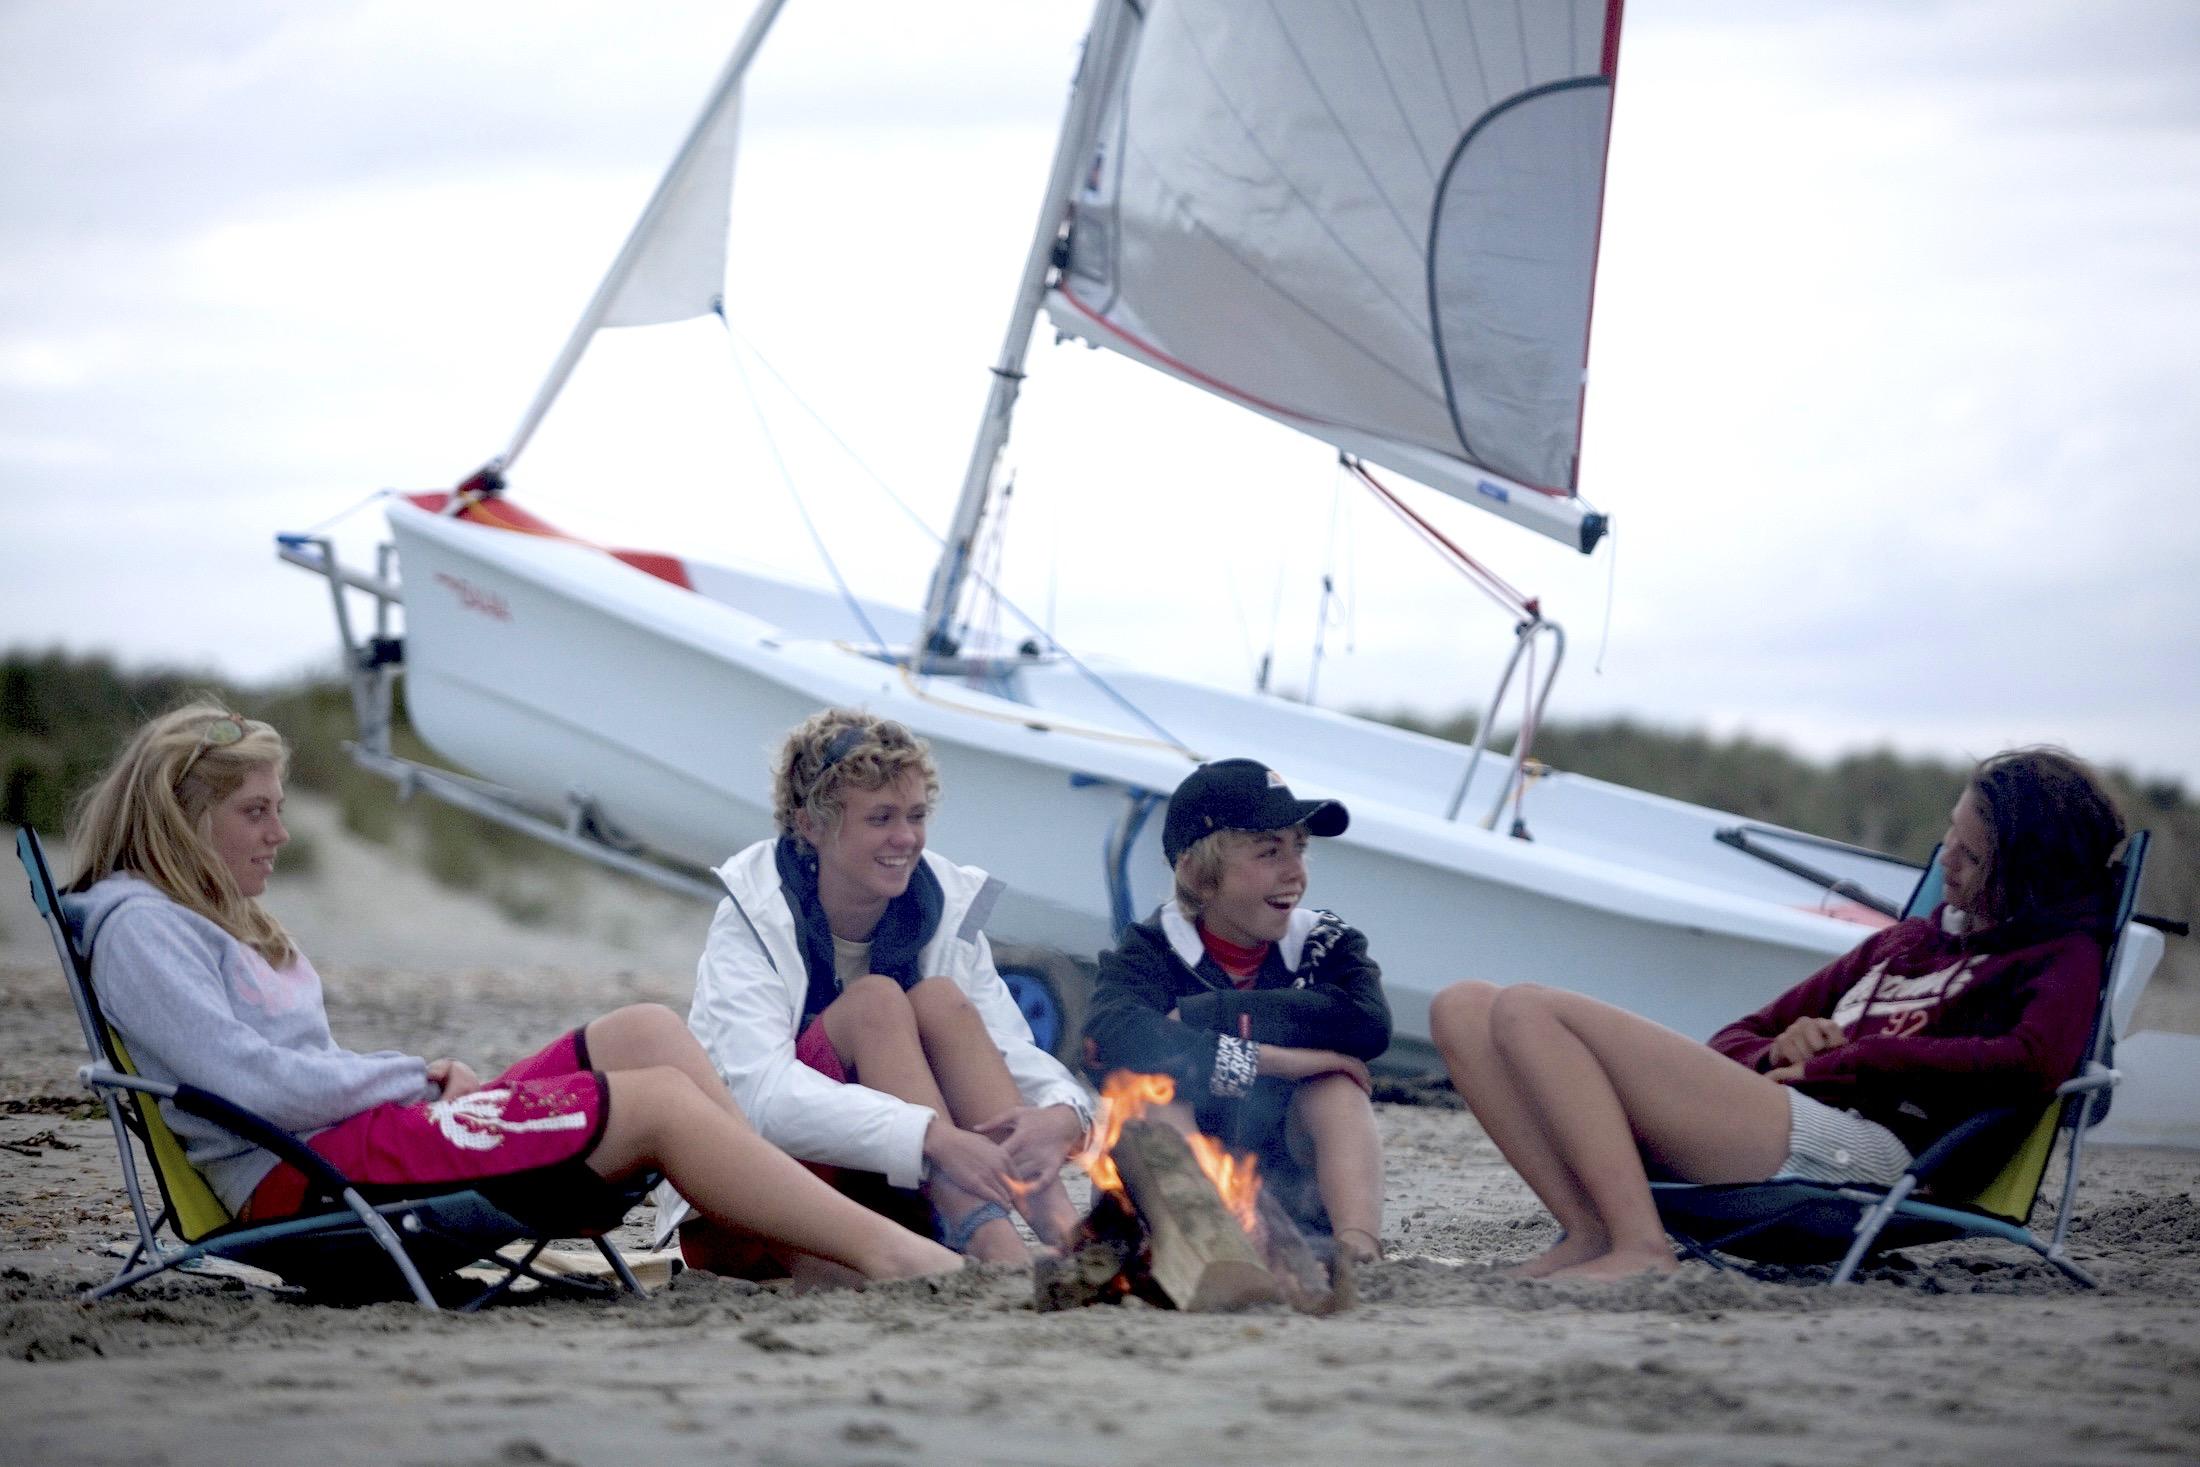 Segelfreizeit mit Jugendlichen am Lagerfeuer am Strand